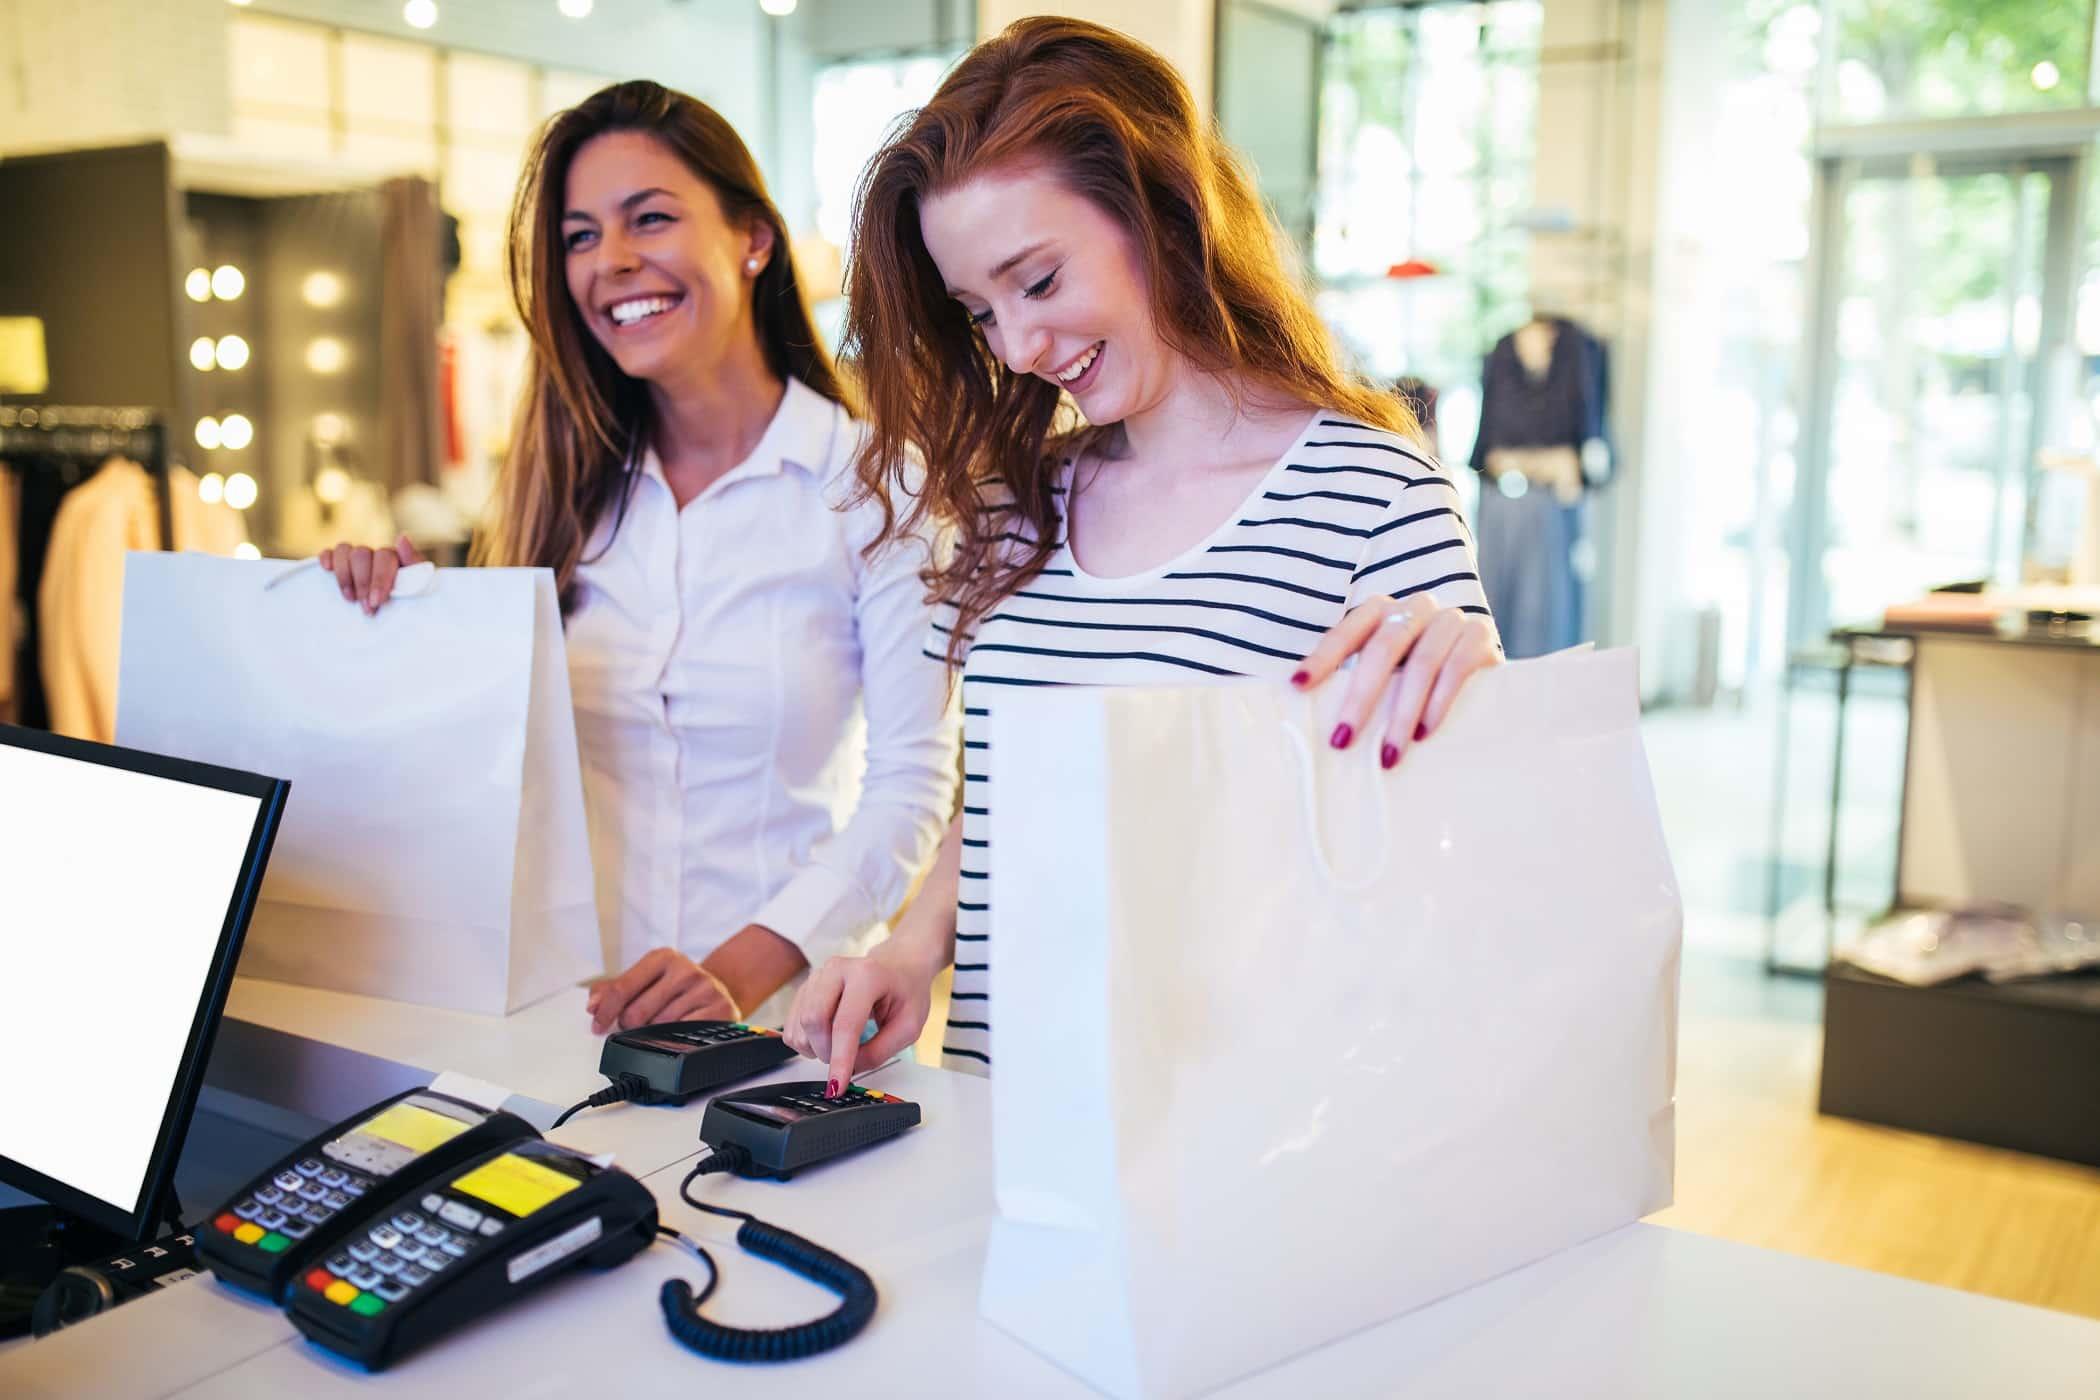 4 maneras en que puede convertir el exceso de inventario en ingresos adicionales